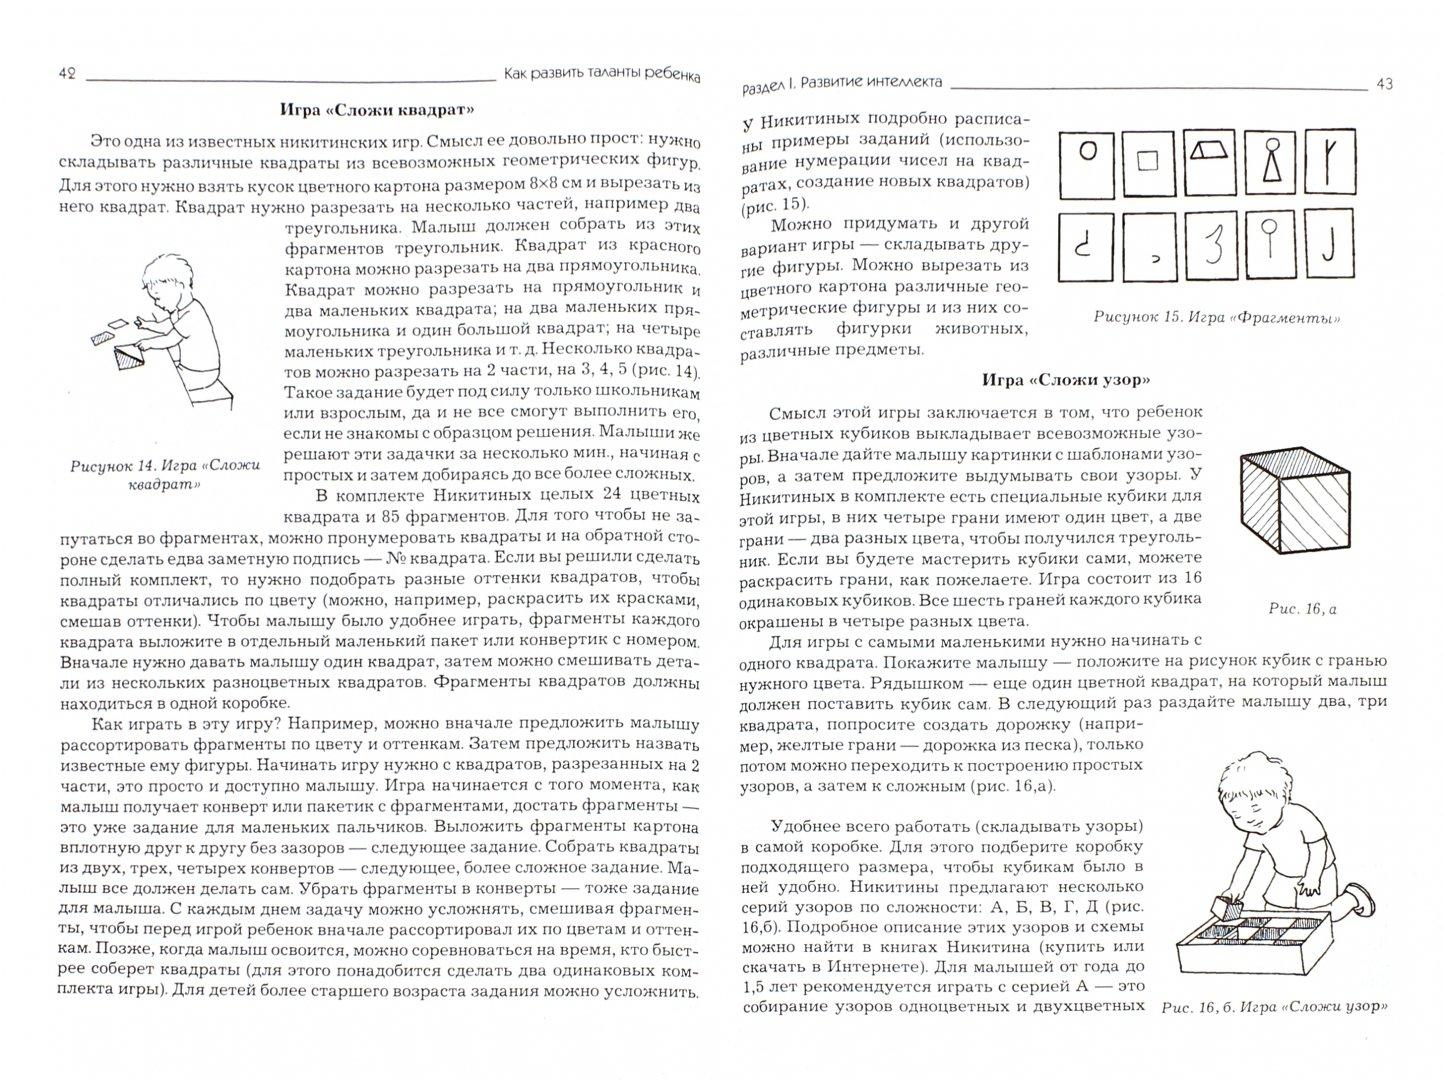 Иллюстрация 1 из 12 для Как развить таланты ребенка: От рождения до 5 лет - Ирина Самойленко | Лабиринт - книги. Источник: Лабиринт